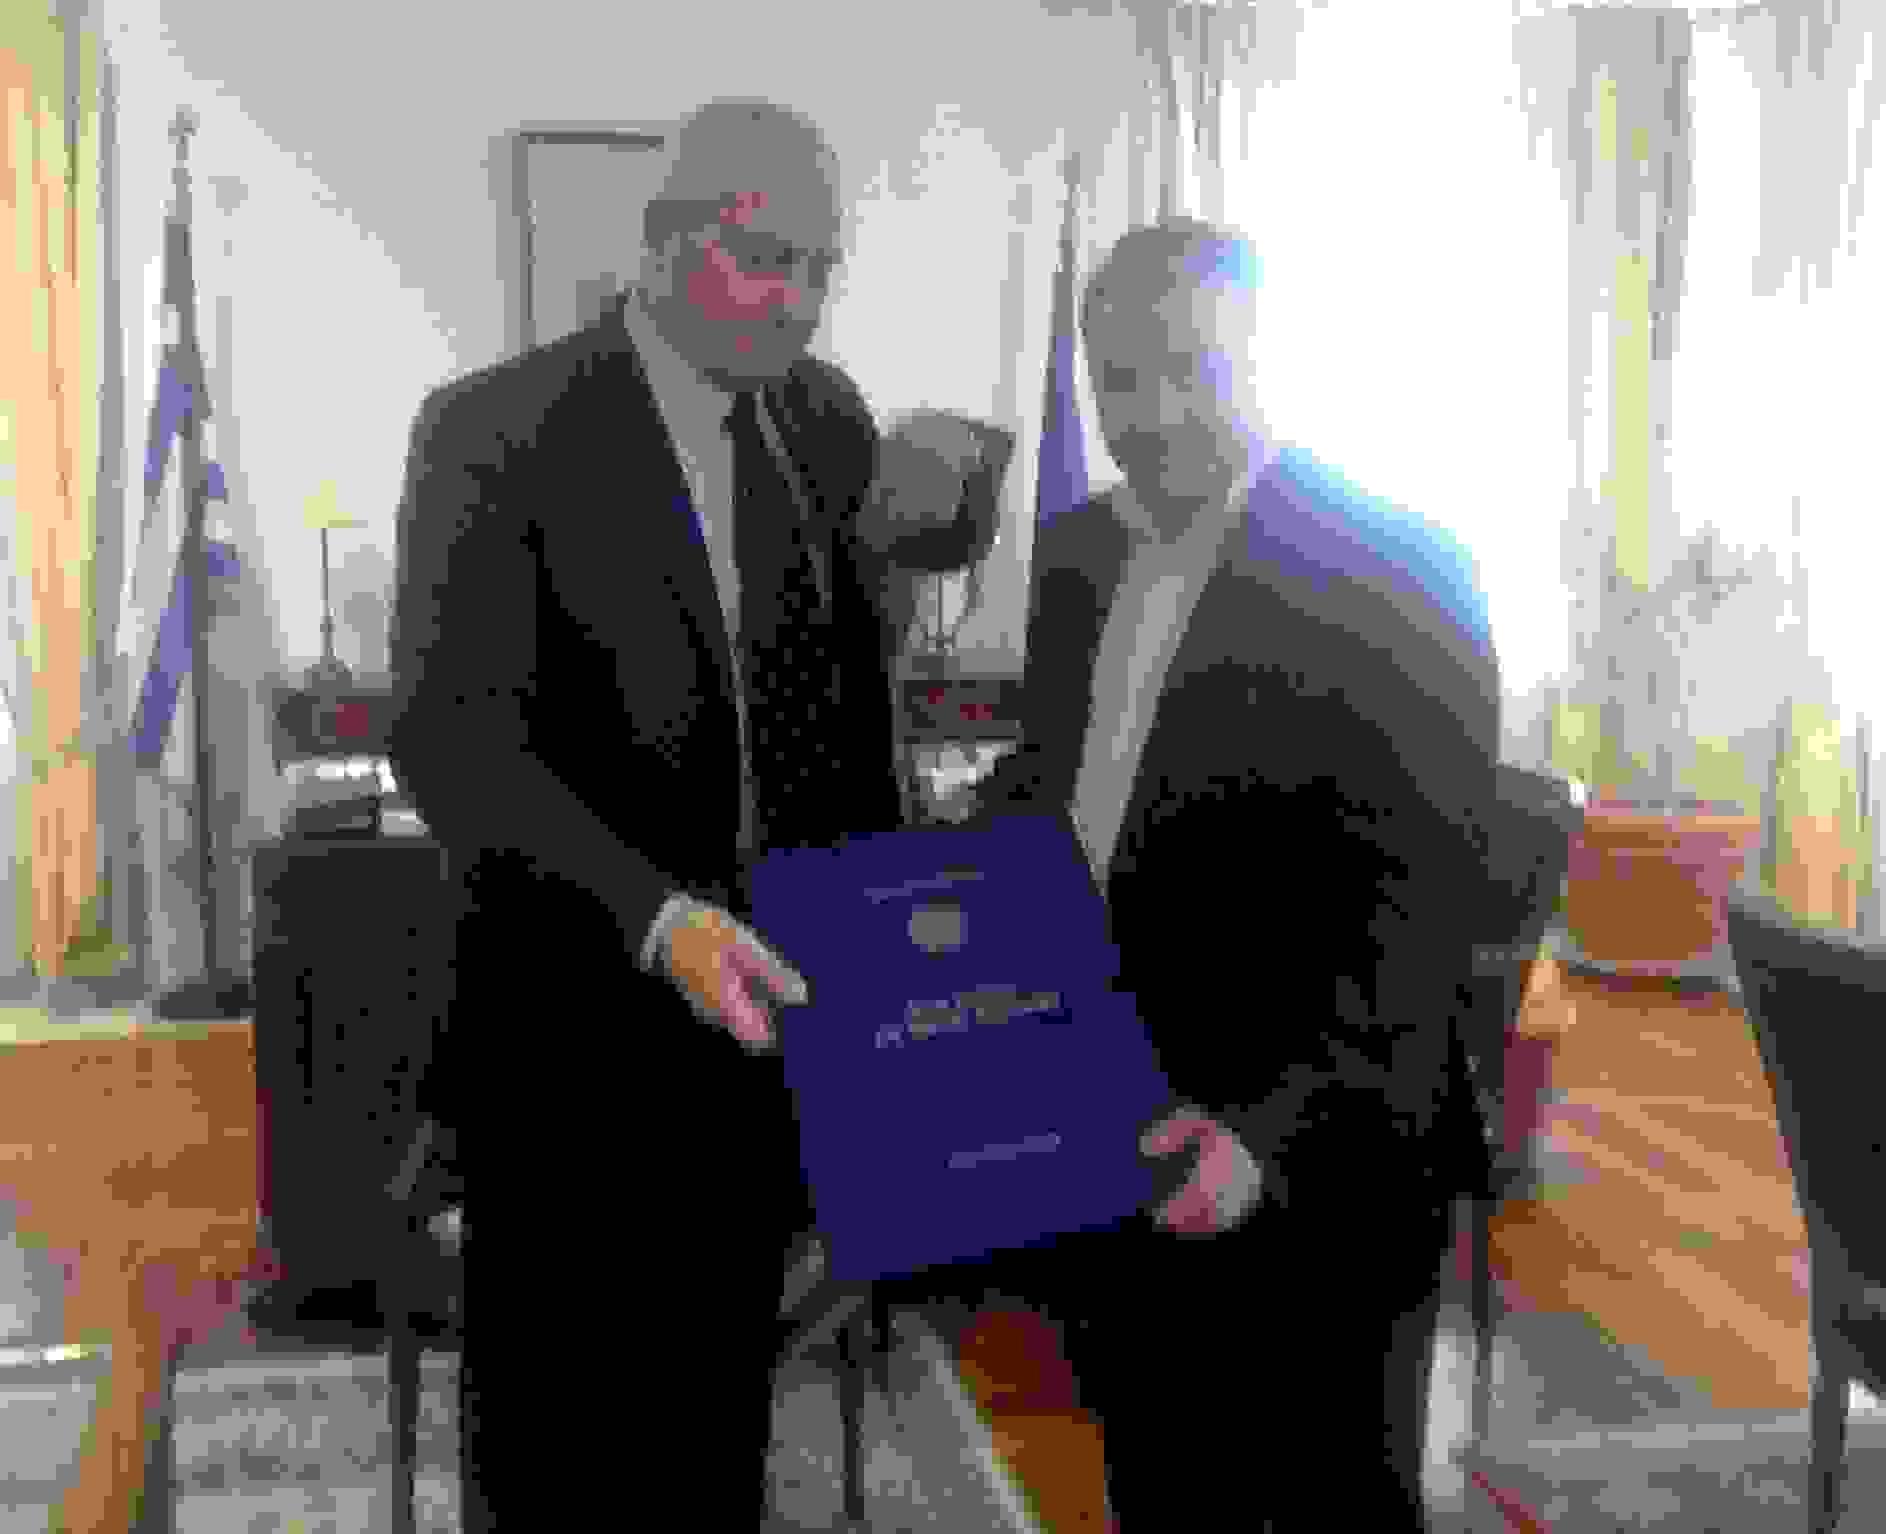 Παρουσία του Περιφερειάρχη στη Σύγκλητο, επικυρώθηκε  η νέα αρχή ουσιαστικής συνεργασίας ΠΙΝ & Ιονίου Πανεπιστημίου